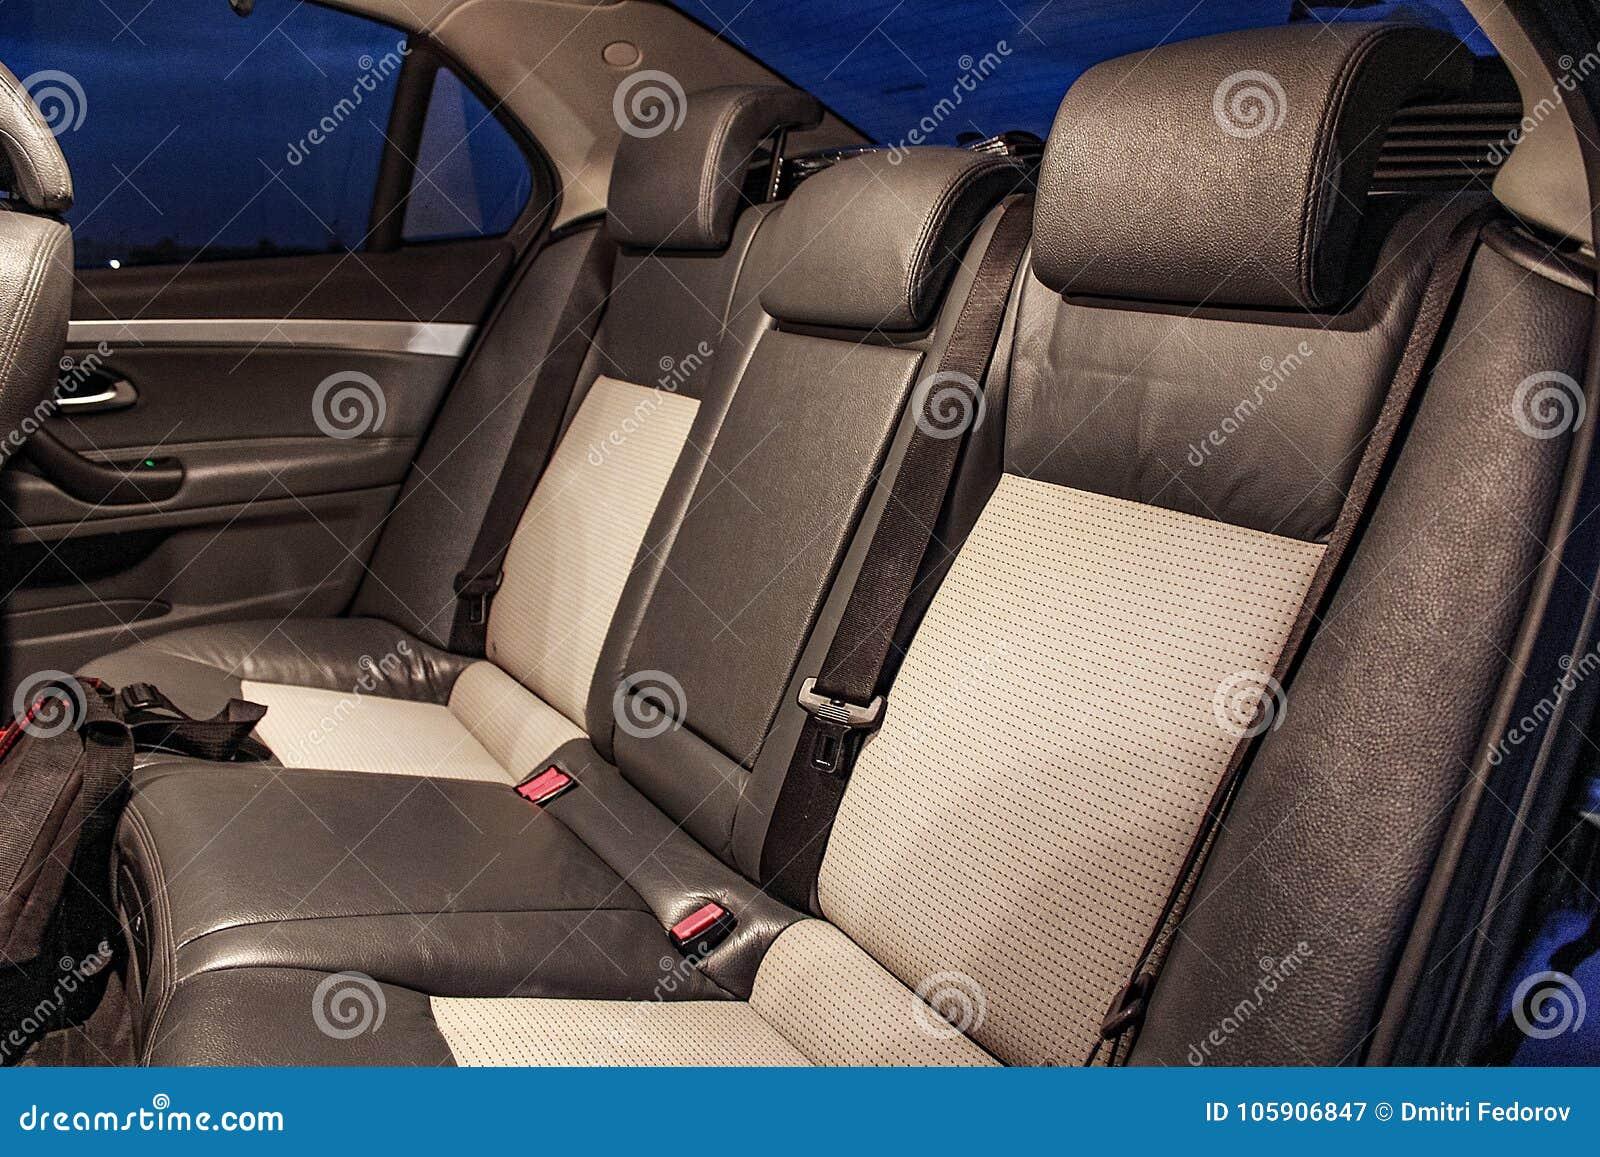 Salon eines Autos, Teile vom Leder und Plastik